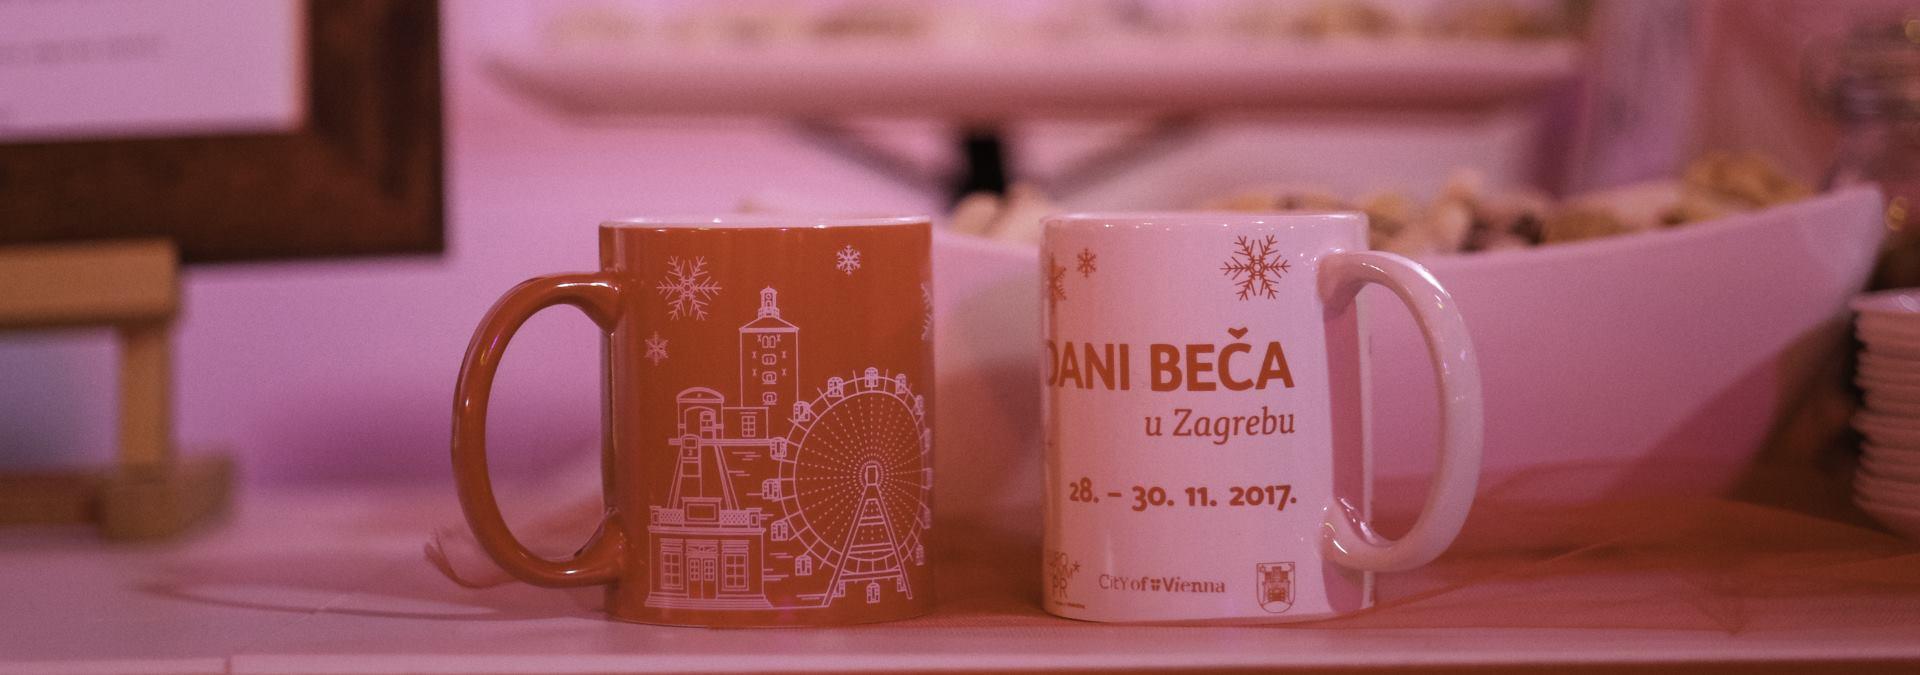 Otvoreni Dani Beča na Trgu bana Jelačića